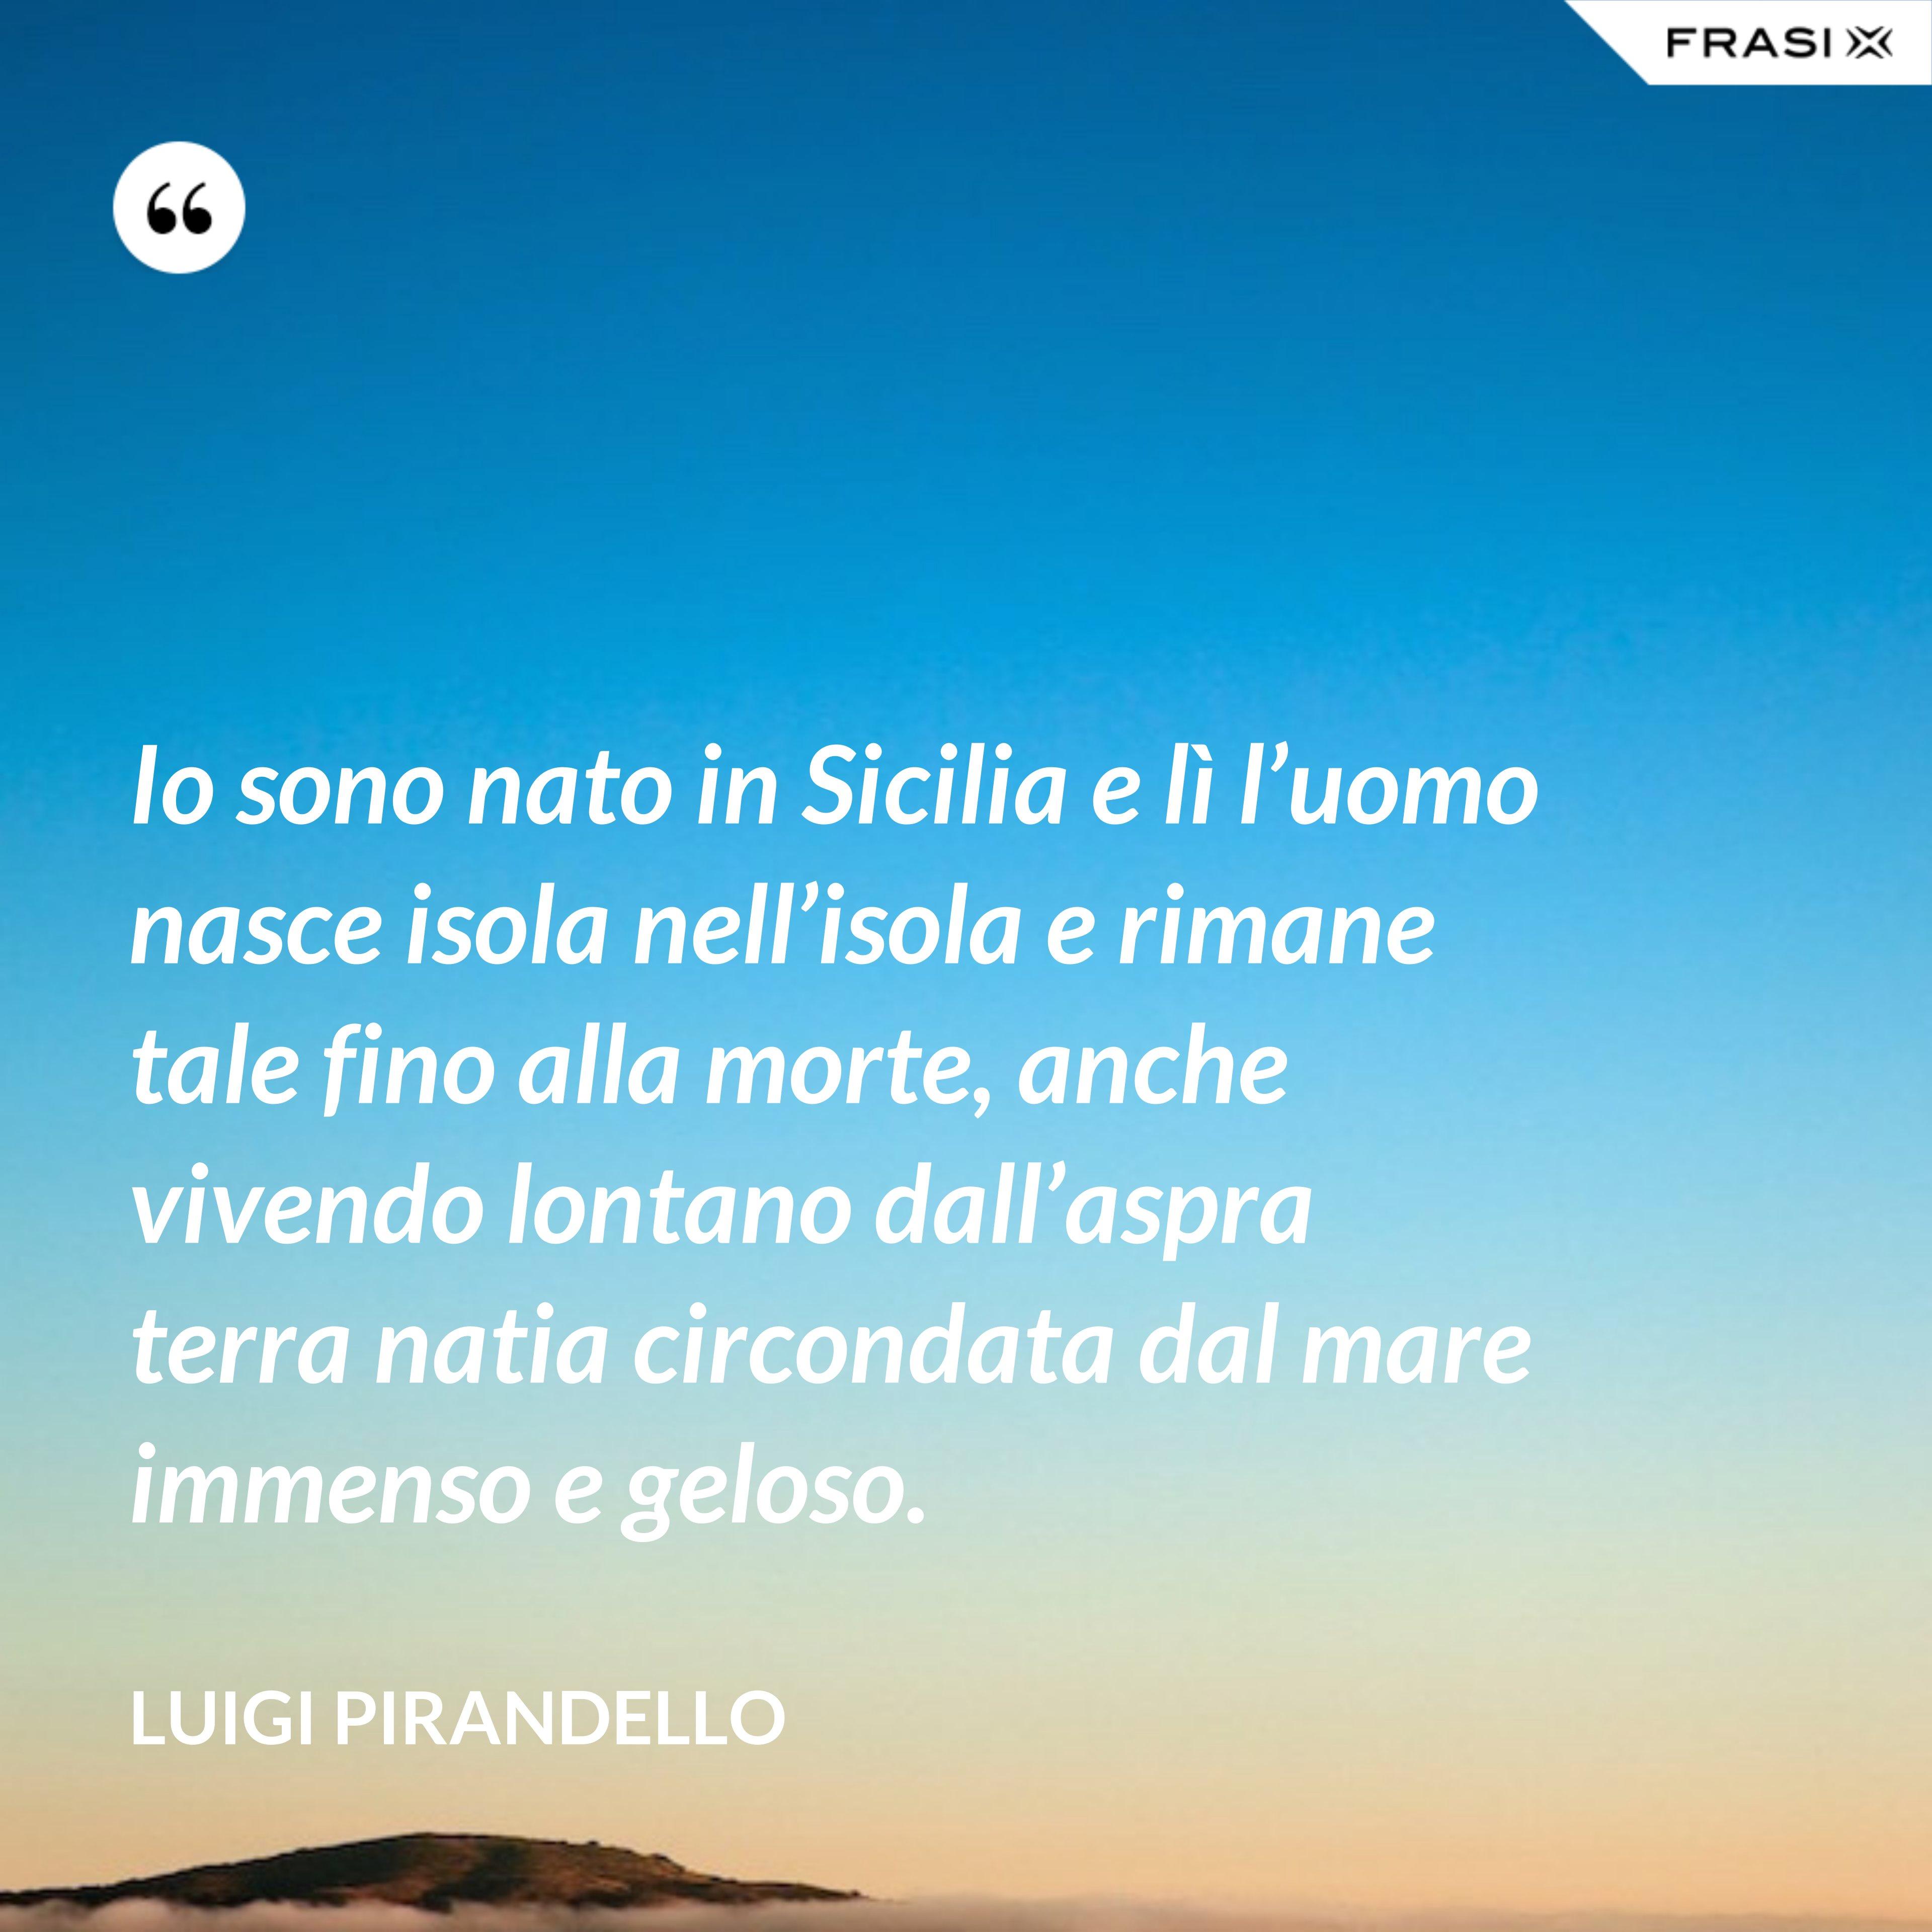 Io sono nato in Sicilia e lì l'uomo nasce isola nell'isola e rimane tale fino alla morte, anche vivendo lontano dall'aspra terra natia circondata dal mare immenso e geloso. - Luigi Pirandello